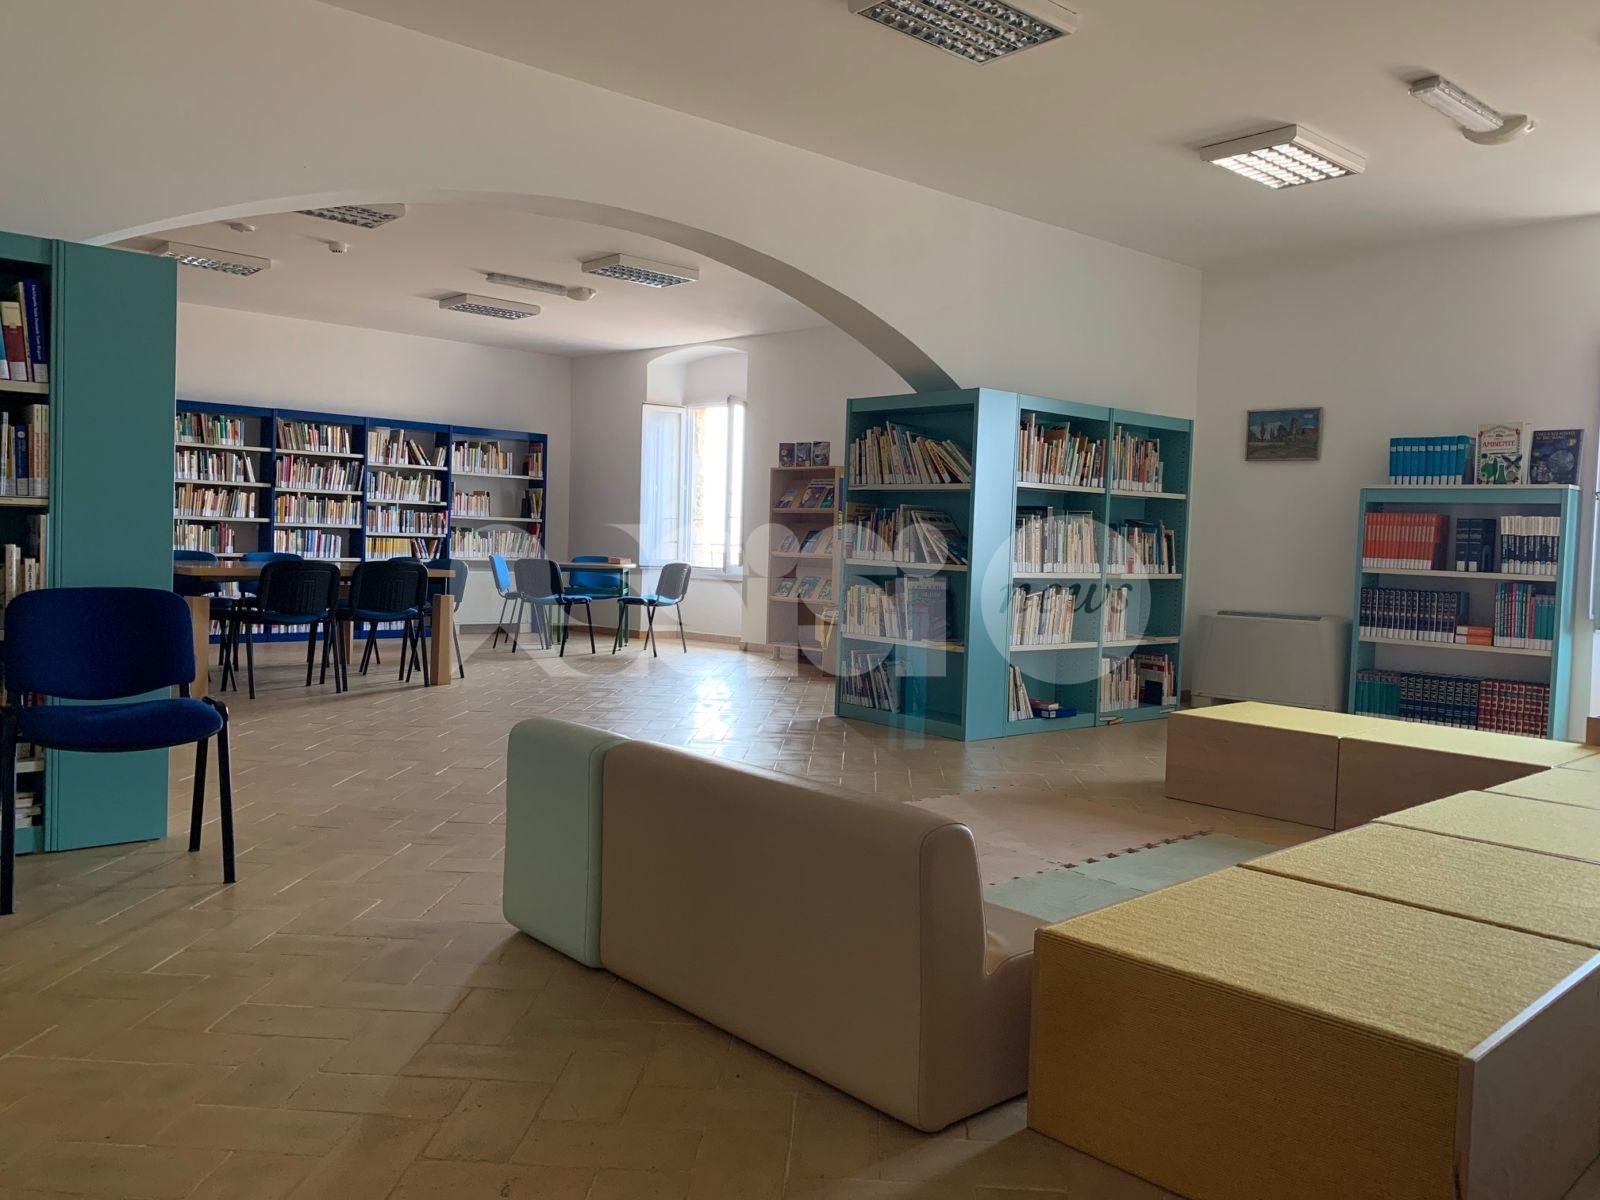 Biblioteca comunale di Assisi, a breve riapertura, anche delle sale studio